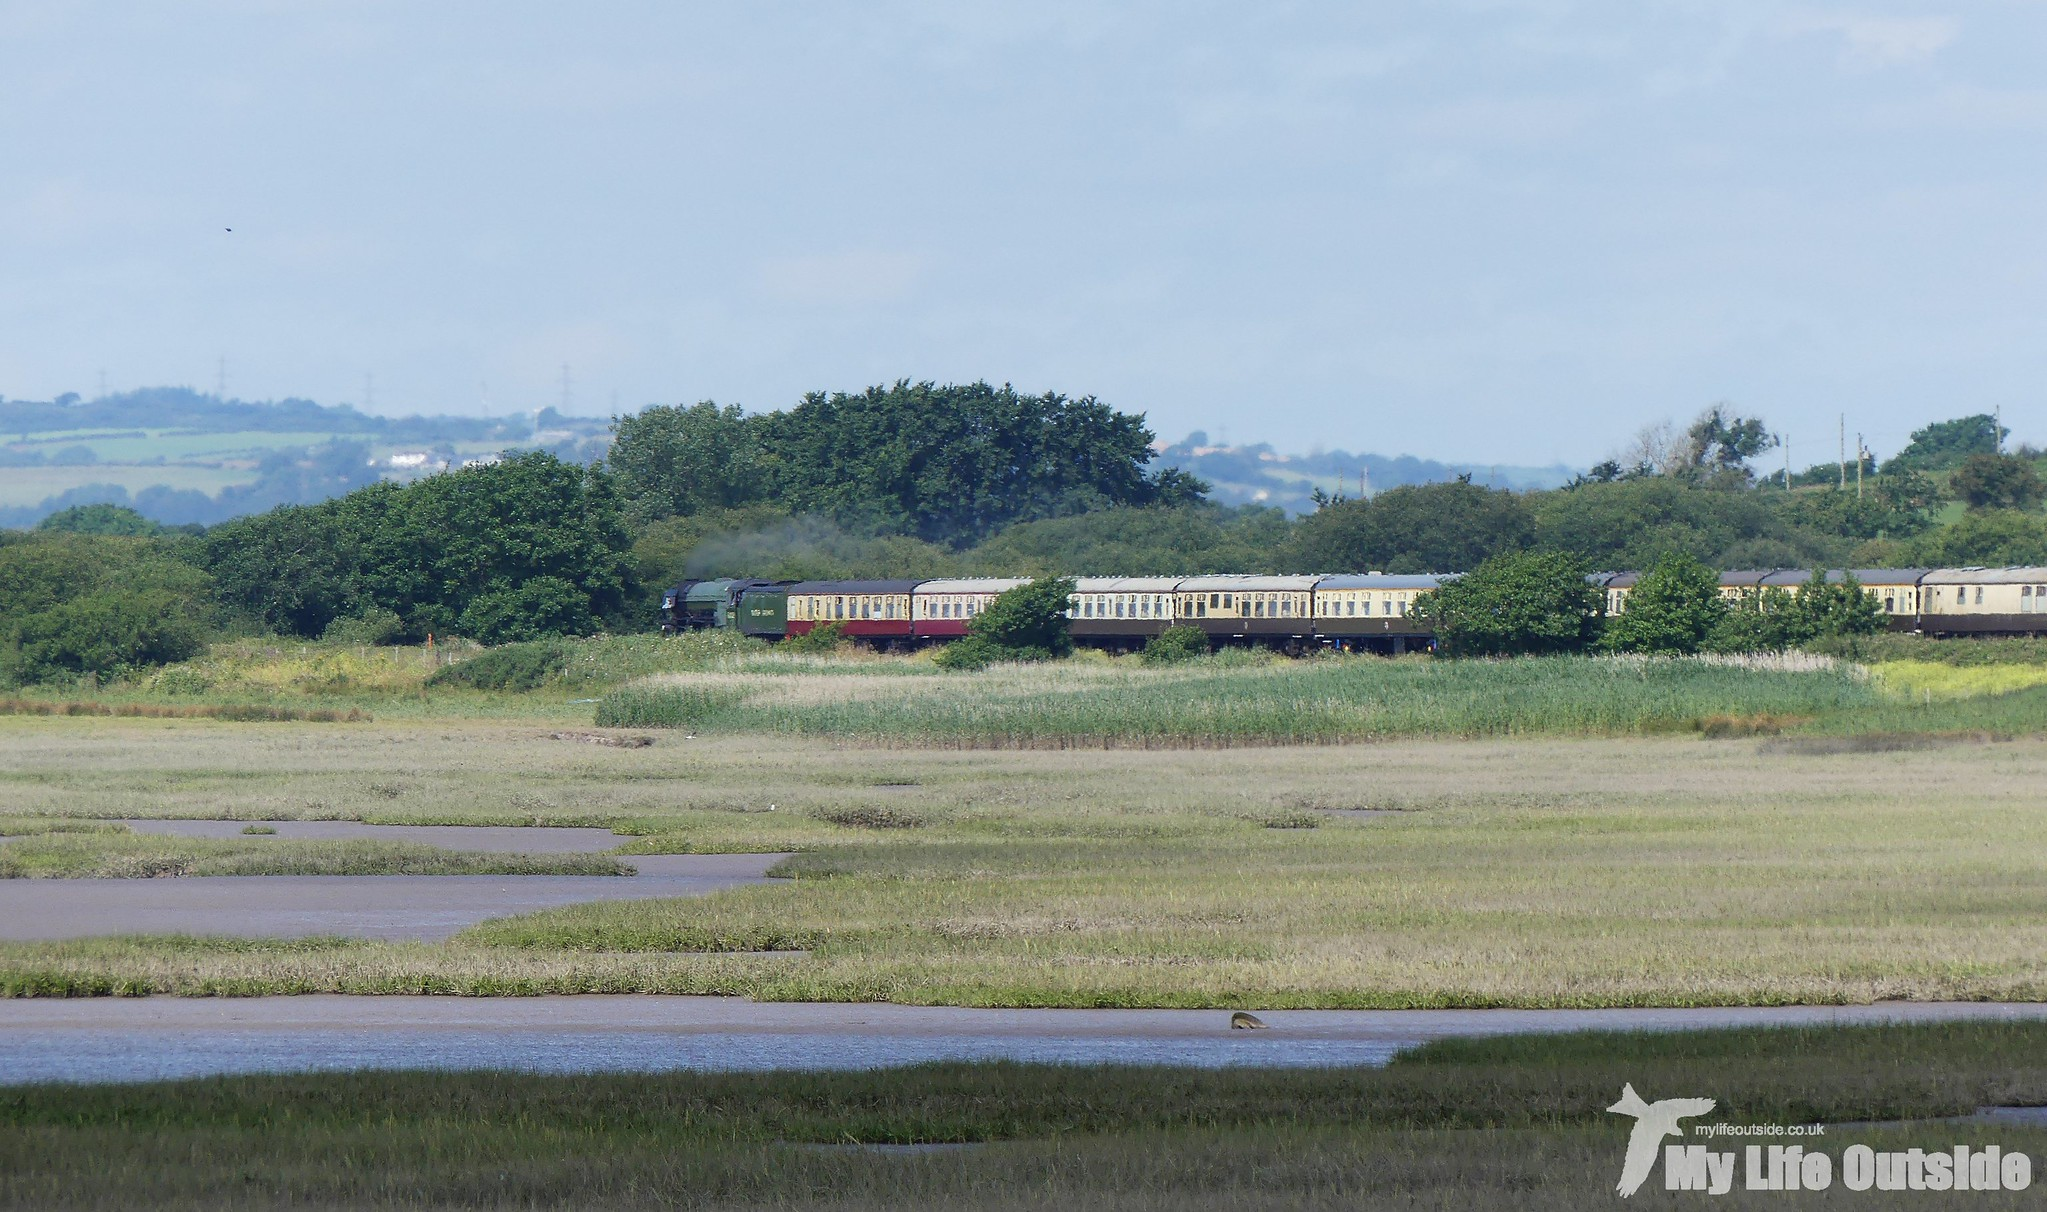 P1210156 - Pembroke Coast Express